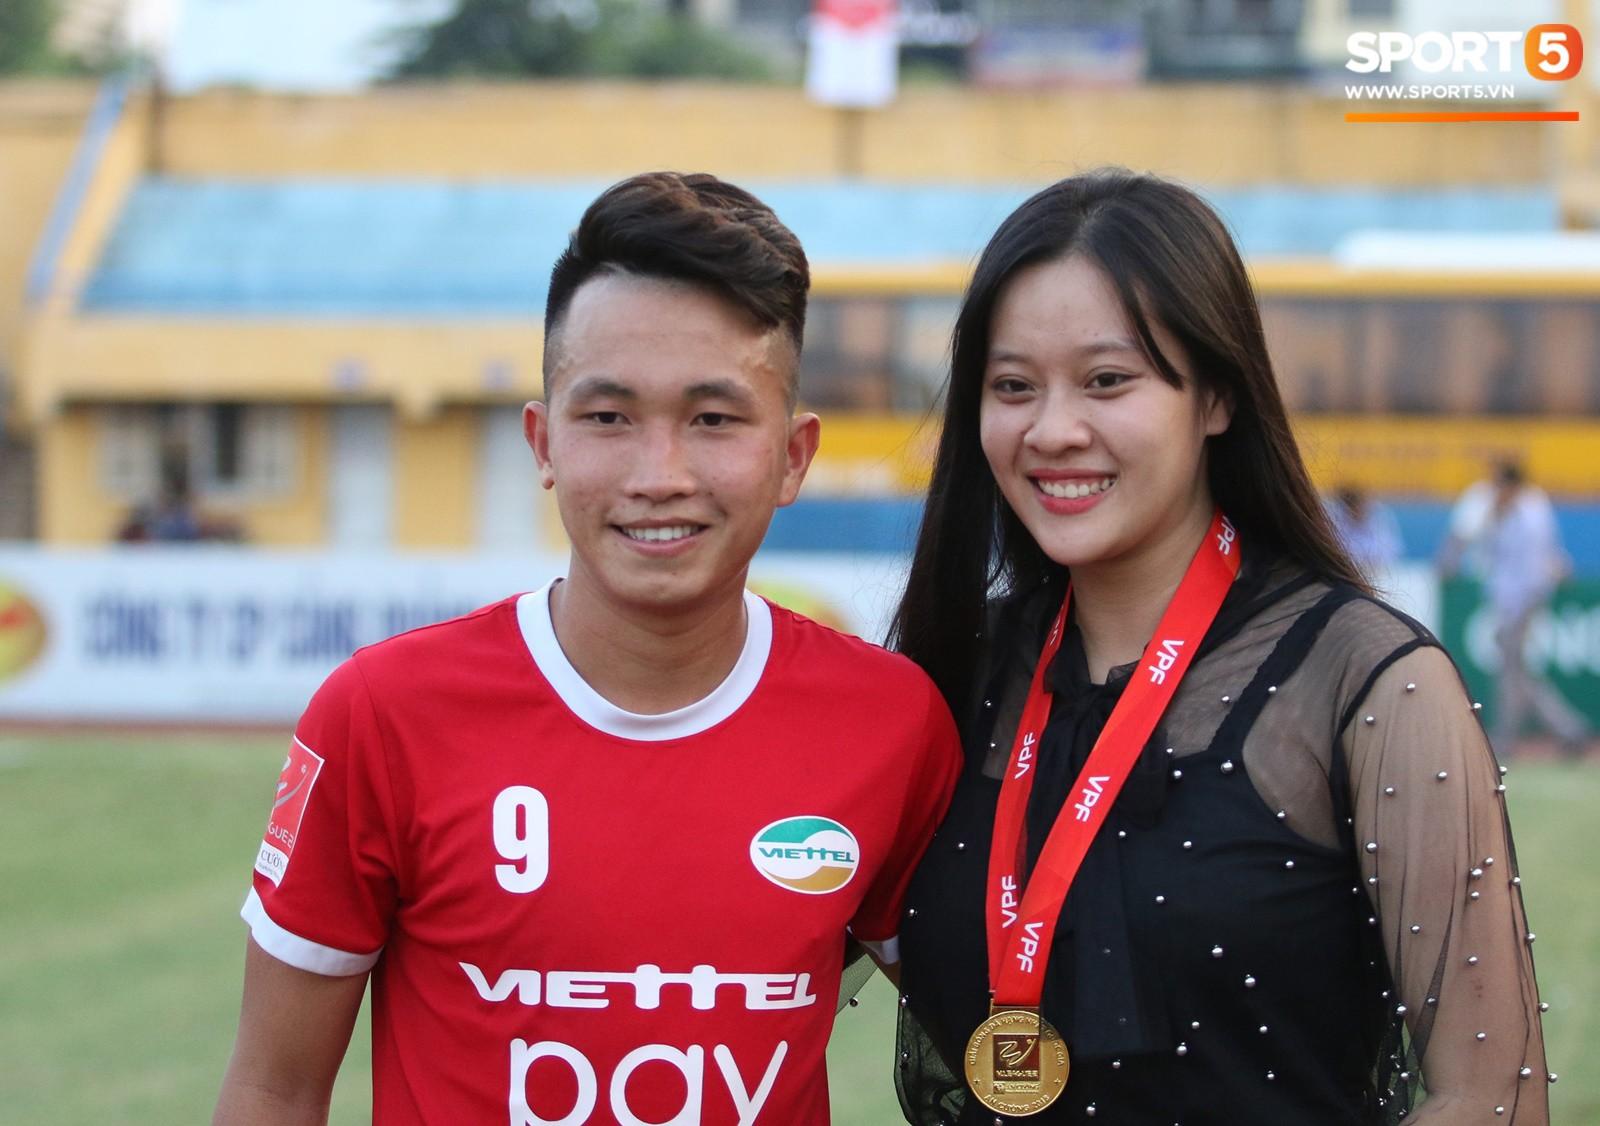 Tư Dũng sánh đôi cùng bạn gái trong ngày nhận Cúp vô địch hạng Nhất - Ảnh 8.